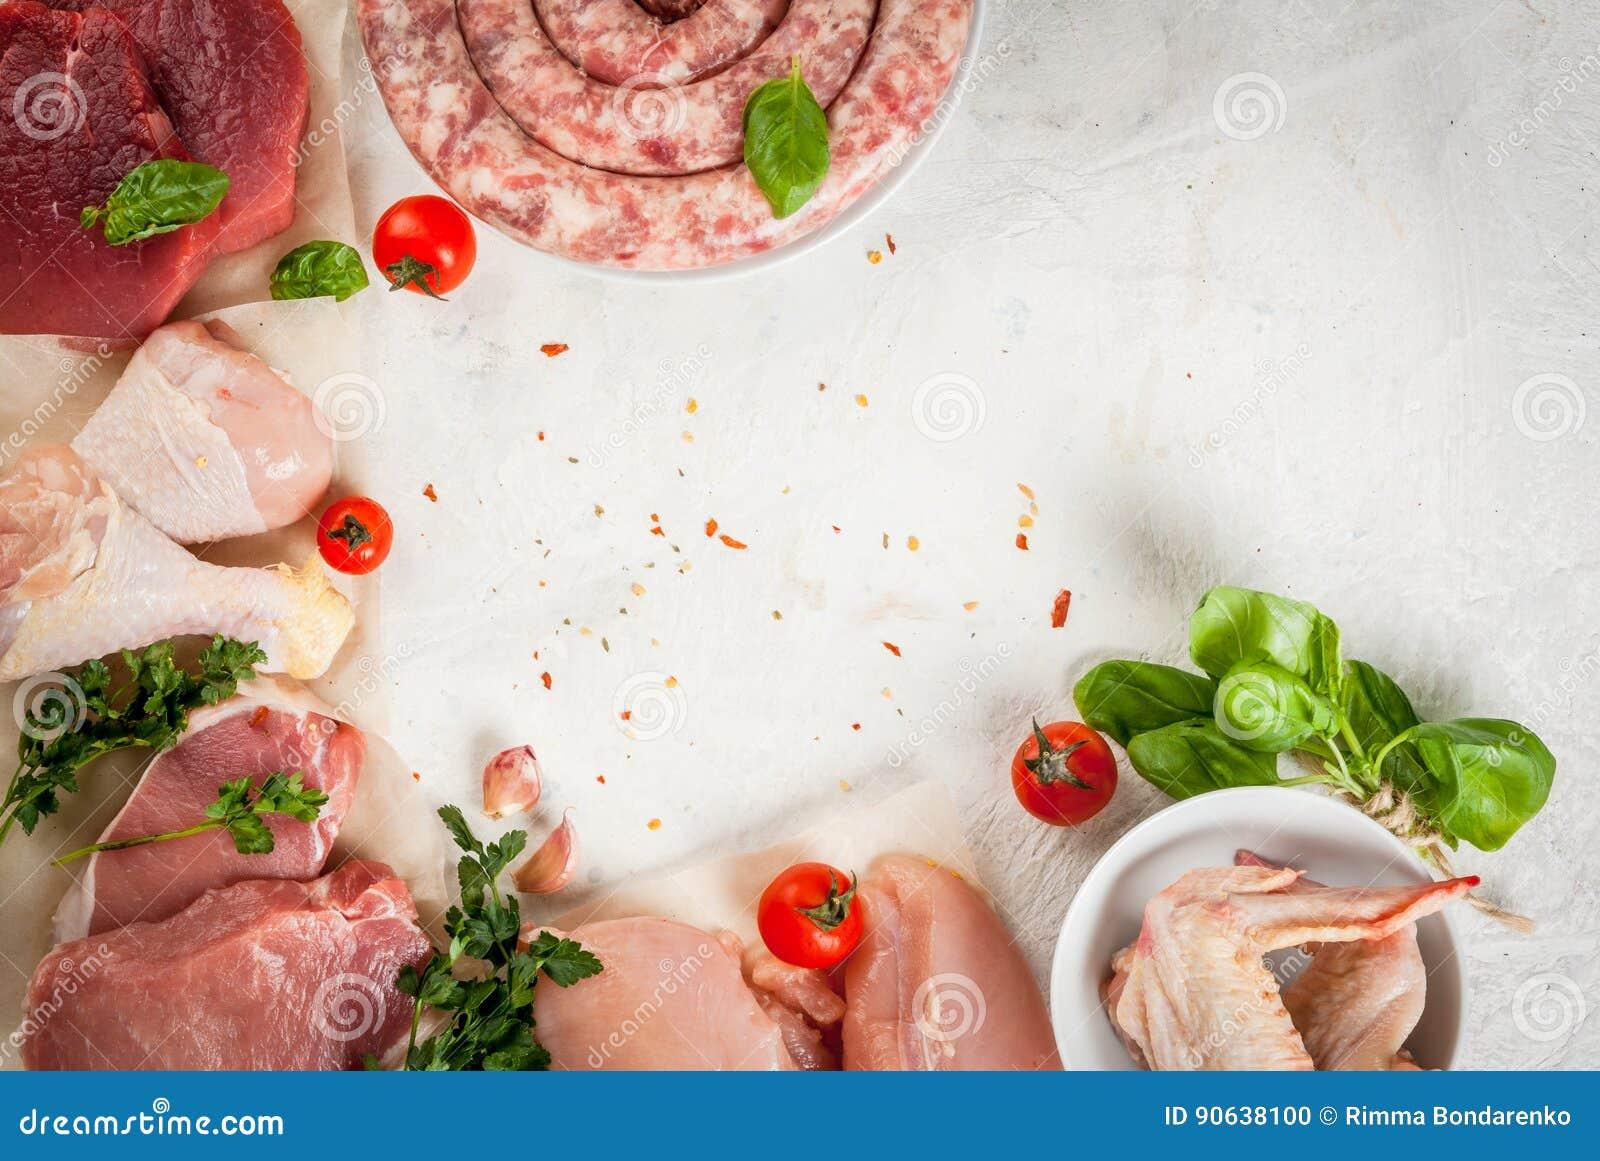 Selectie van ruw vlees